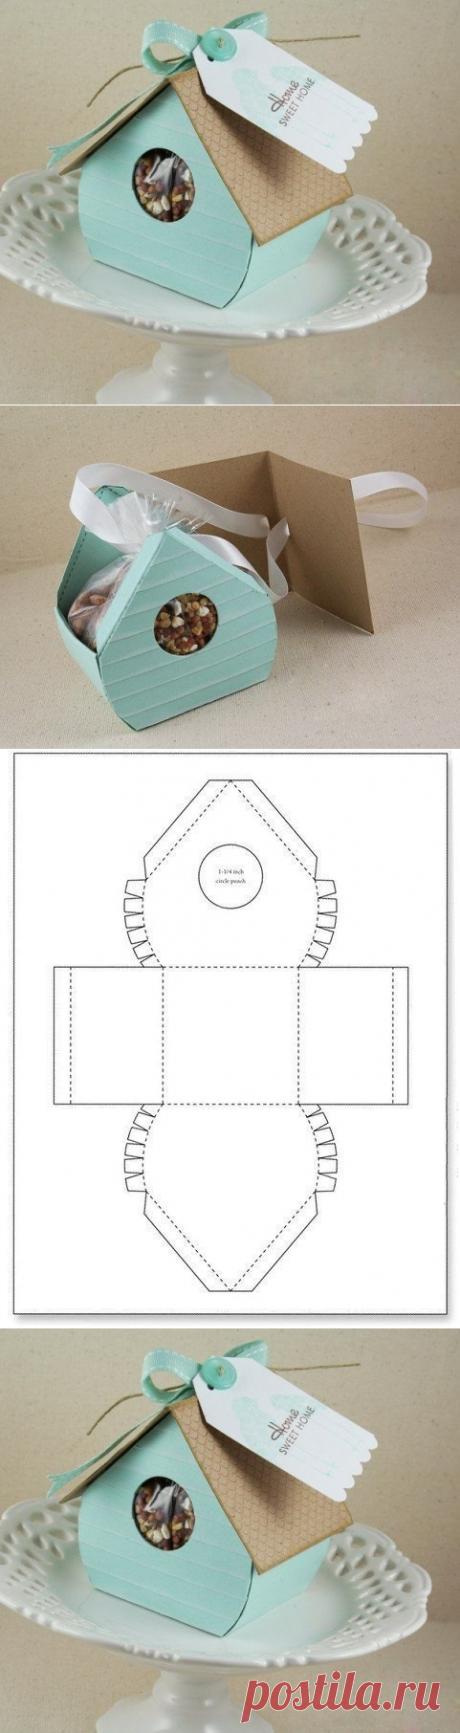 Поиск на Постиле: идеи для упаковки подарков Мишка Выкройка Мк